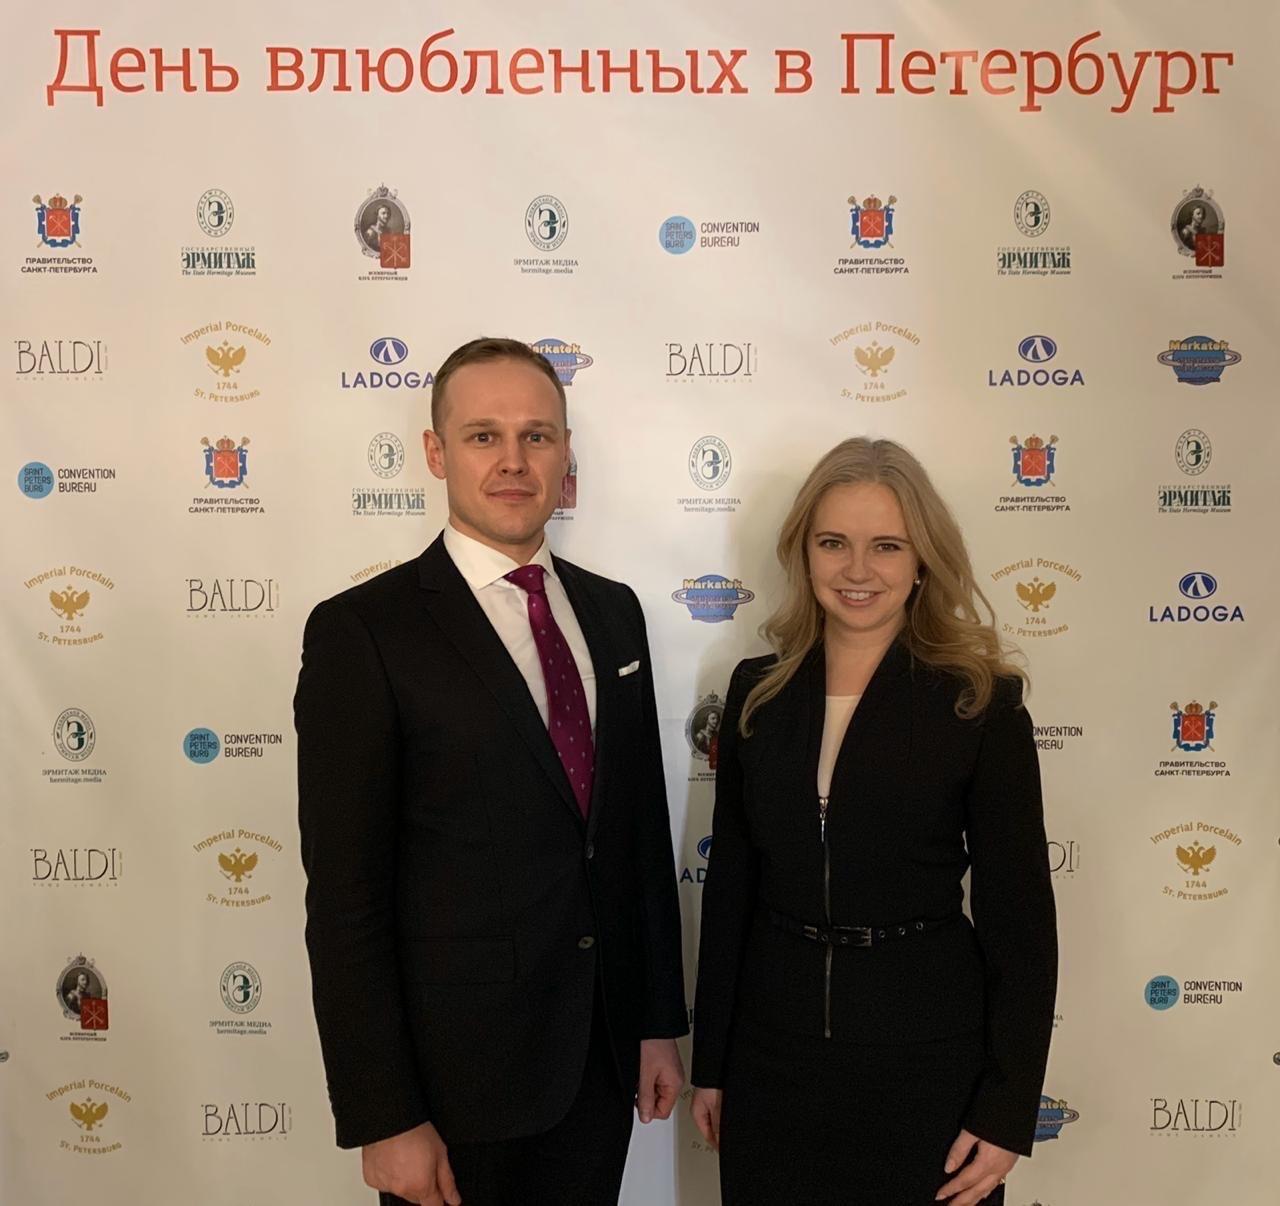 АНО «СПб ЦПЭ» и СПб ГБУ «Конгрессно-выставочное бюро» заключили соглашение о сотрудничестве